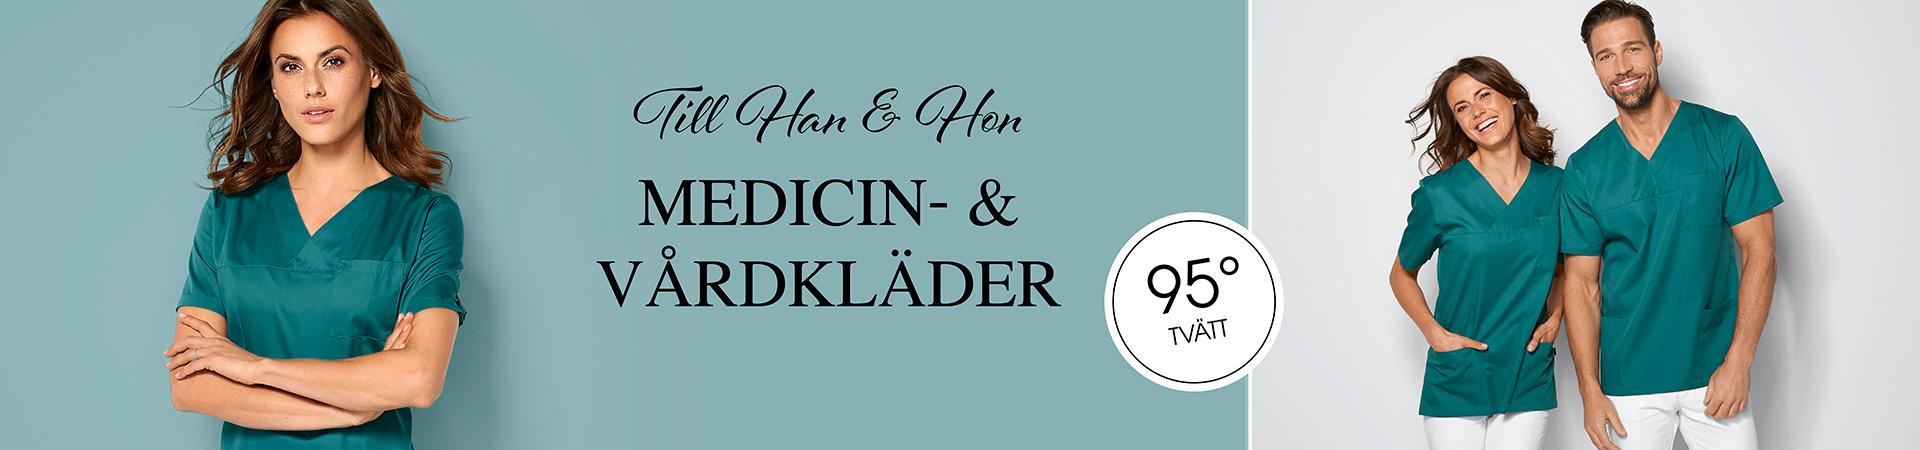 Medicin- och vårdkläder - 7days